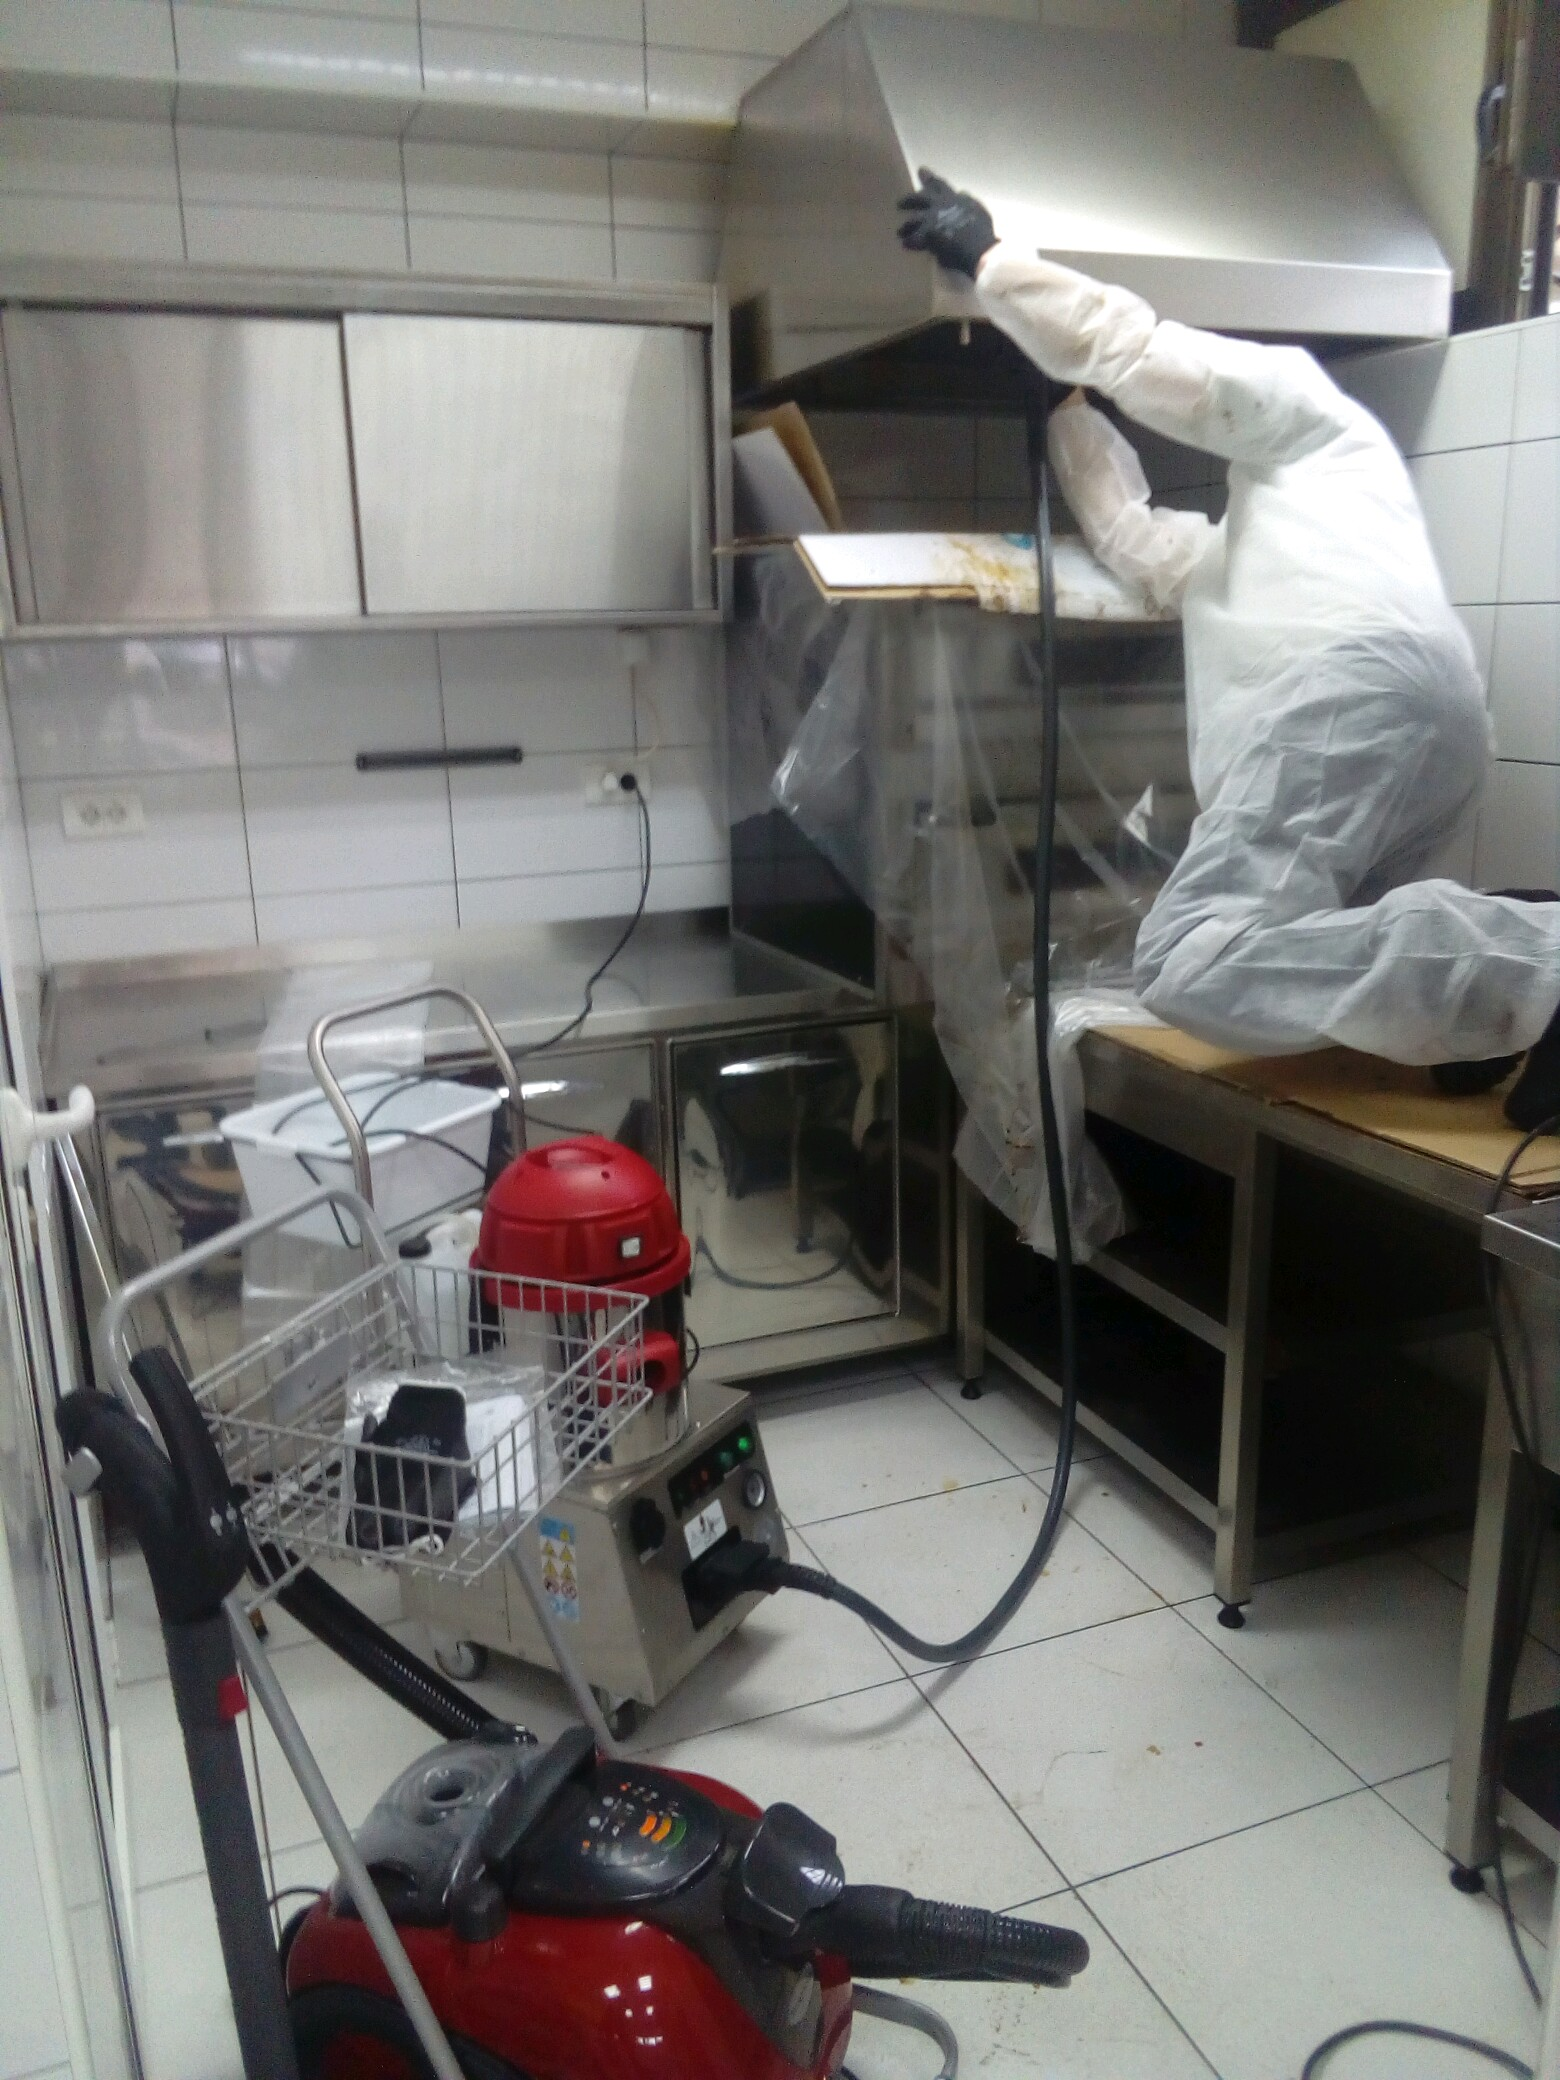 Čišćenje restorana i picerije. Profesionalni i industrijski Menikini paročistači i uređaji za čišćenje, odmašćivanje i dezinfekcije suvom parom. Suva para za dezinfekciju i čišćenje u prehrambenu industriju i ugostiteljstvo.